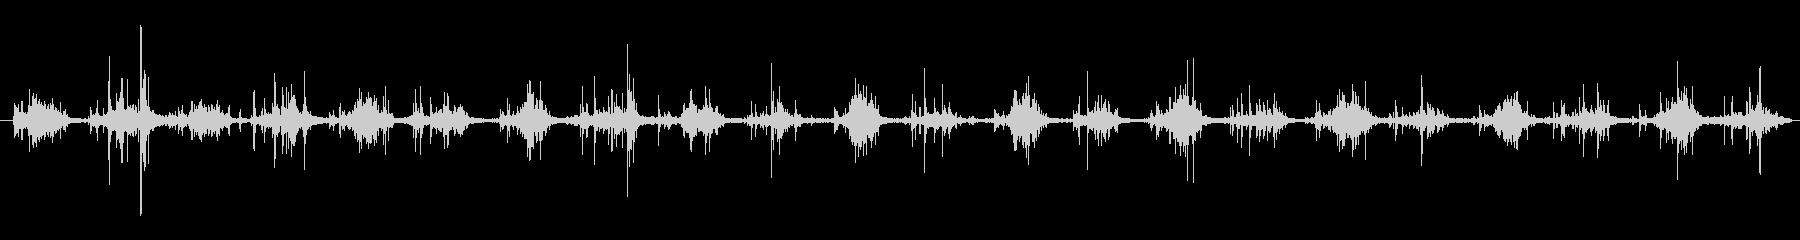 ハーネス ライトウォークシーケンス01の未再生の波形